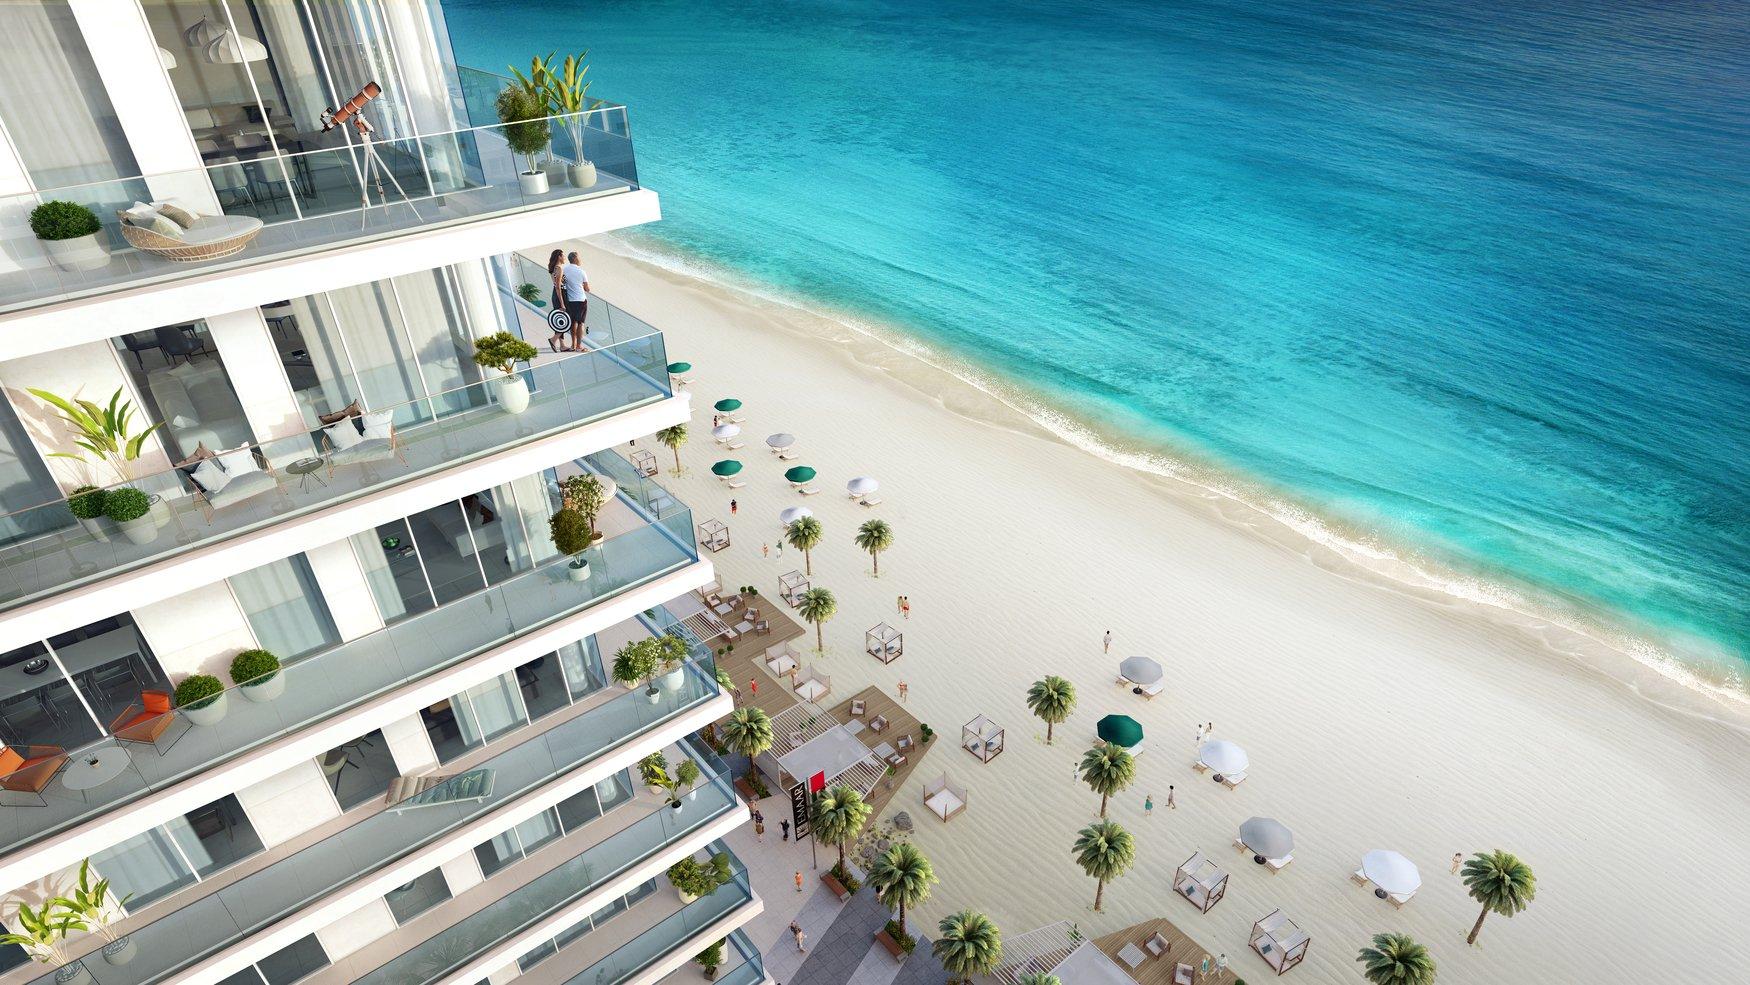 Apartment in Dubai, Dubai, United Arab Emirates 1 - 11560968